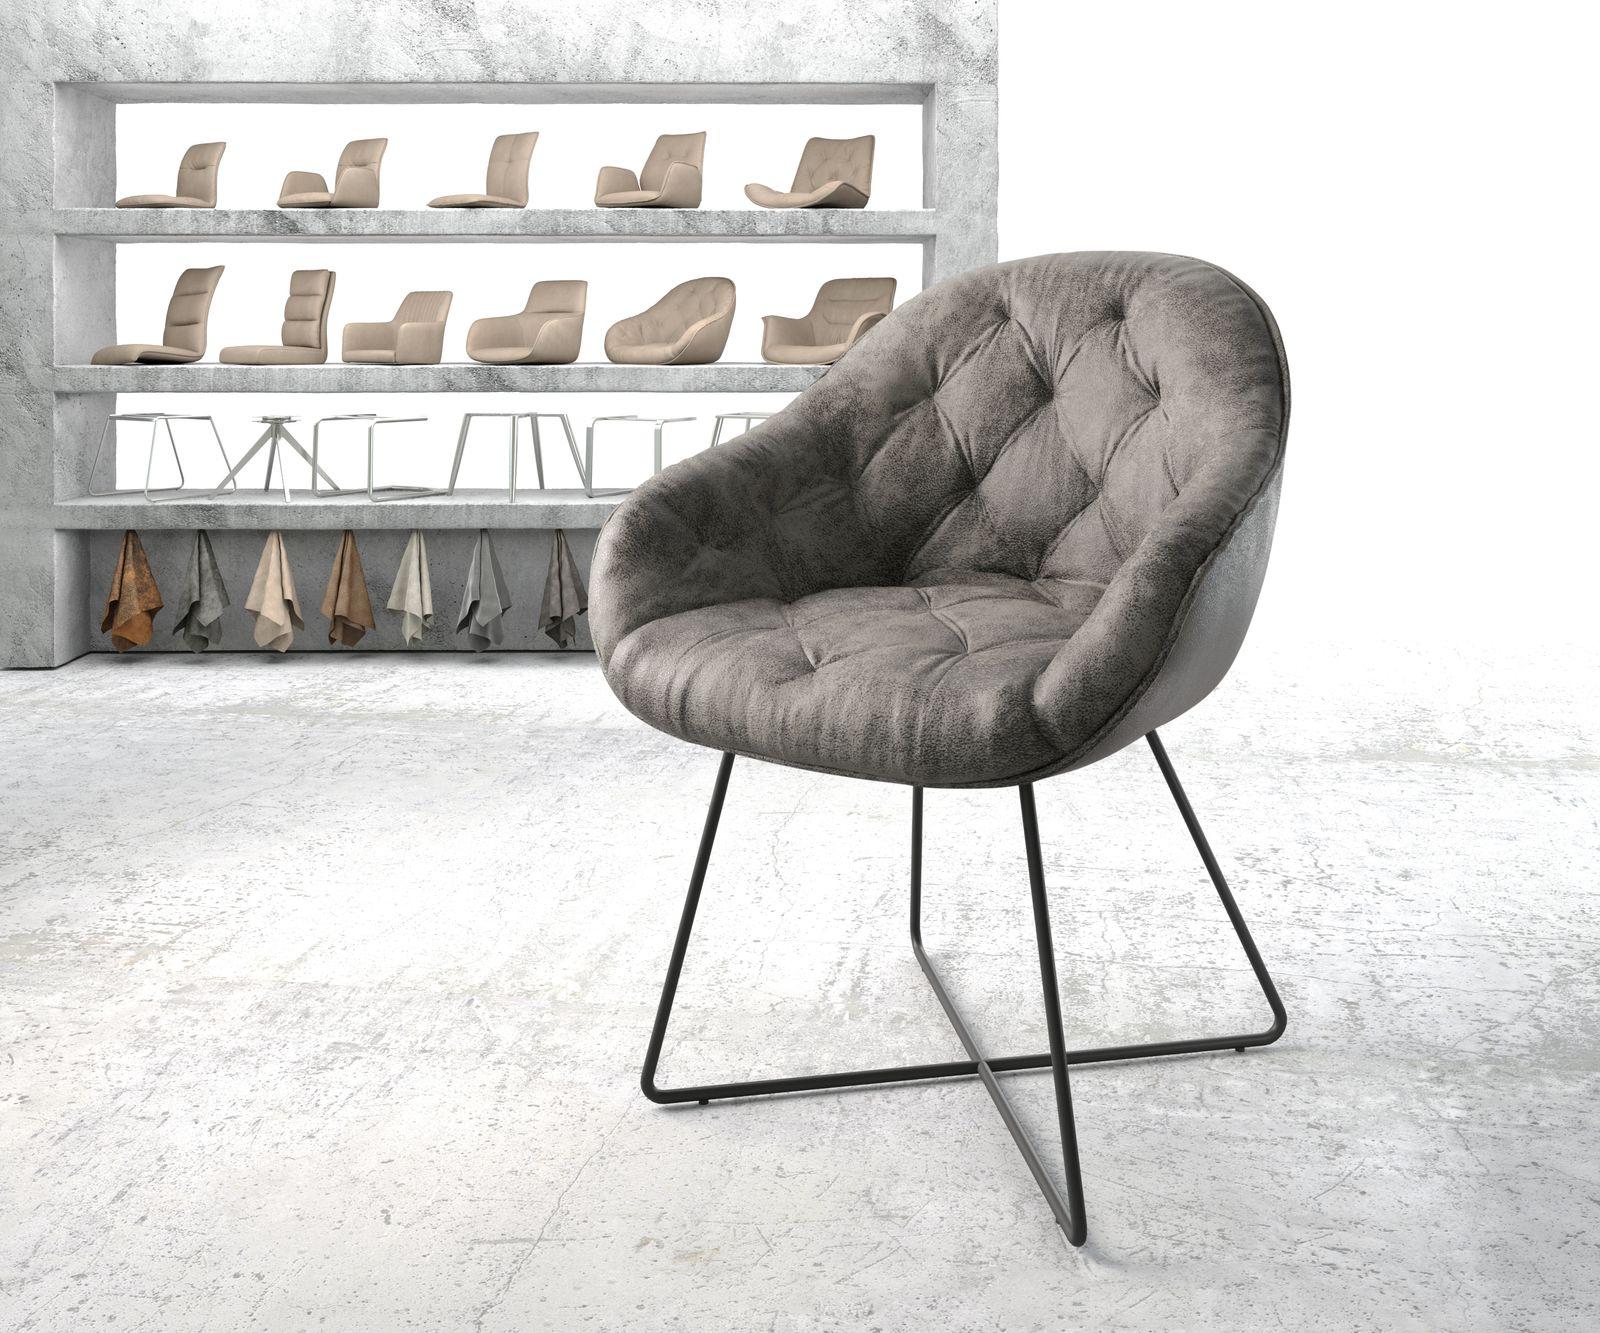 delife-armlehnstuhl-gaio-flex-grau-vintage-x-gestell-schwarz-esszimmerstuhle